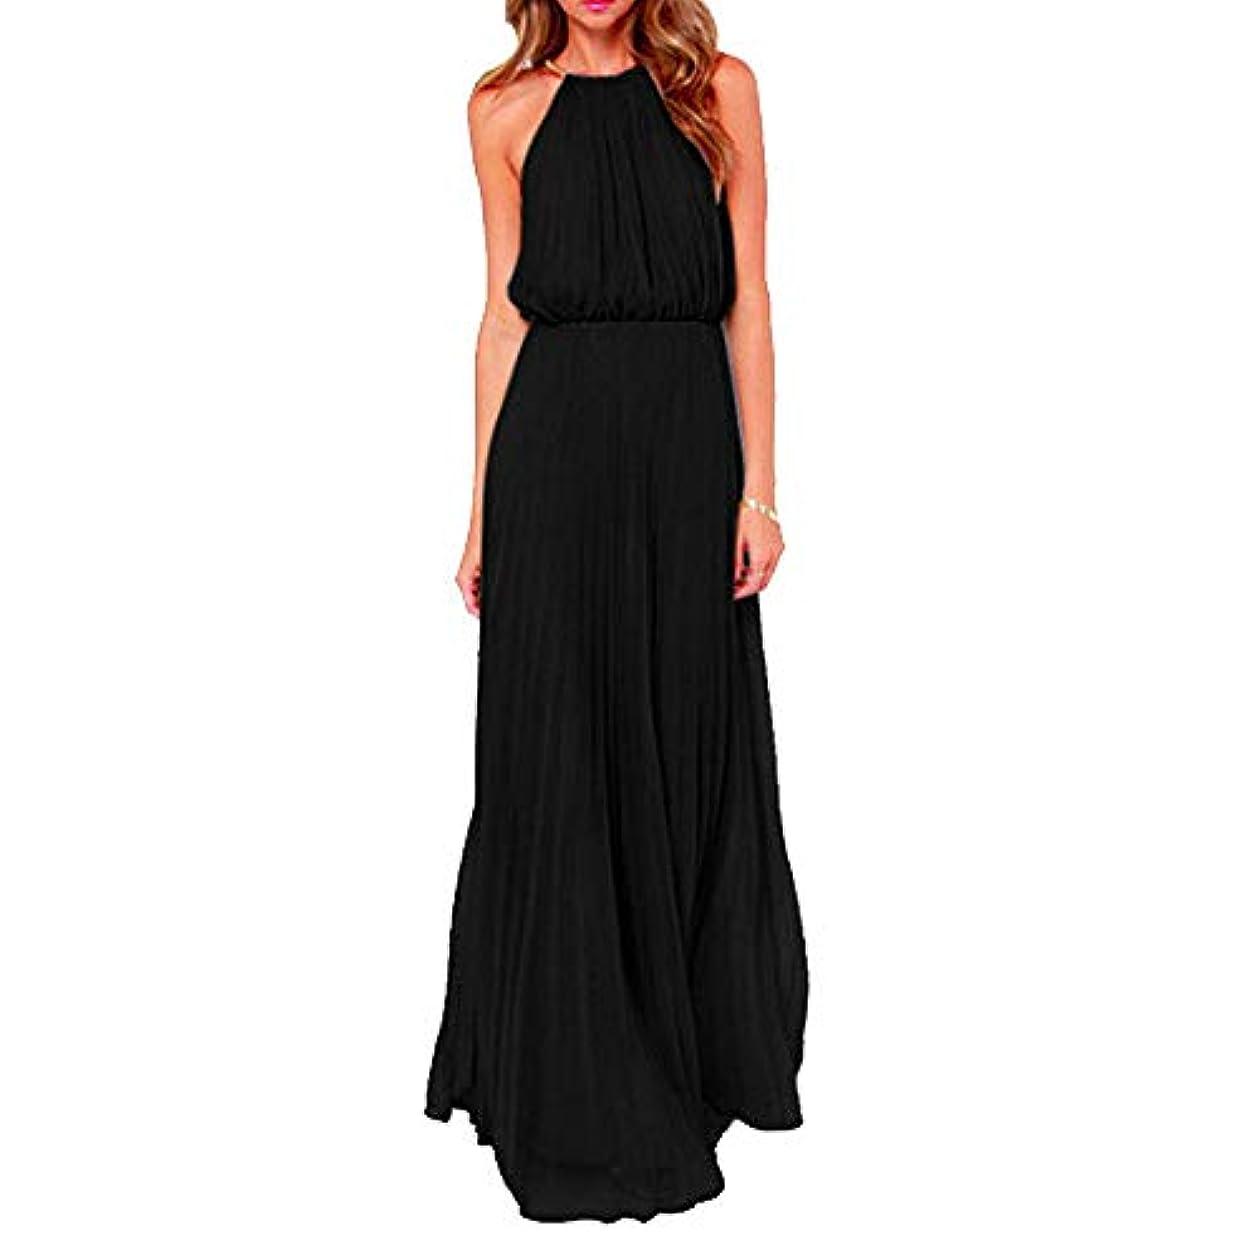 潜むゴミ箱を空にする折るMIFANロングドレス、セクシーなドレス、エレガント、女性のファッション、ノースリーブのドレス、ファッションドレス、ニット、スリム